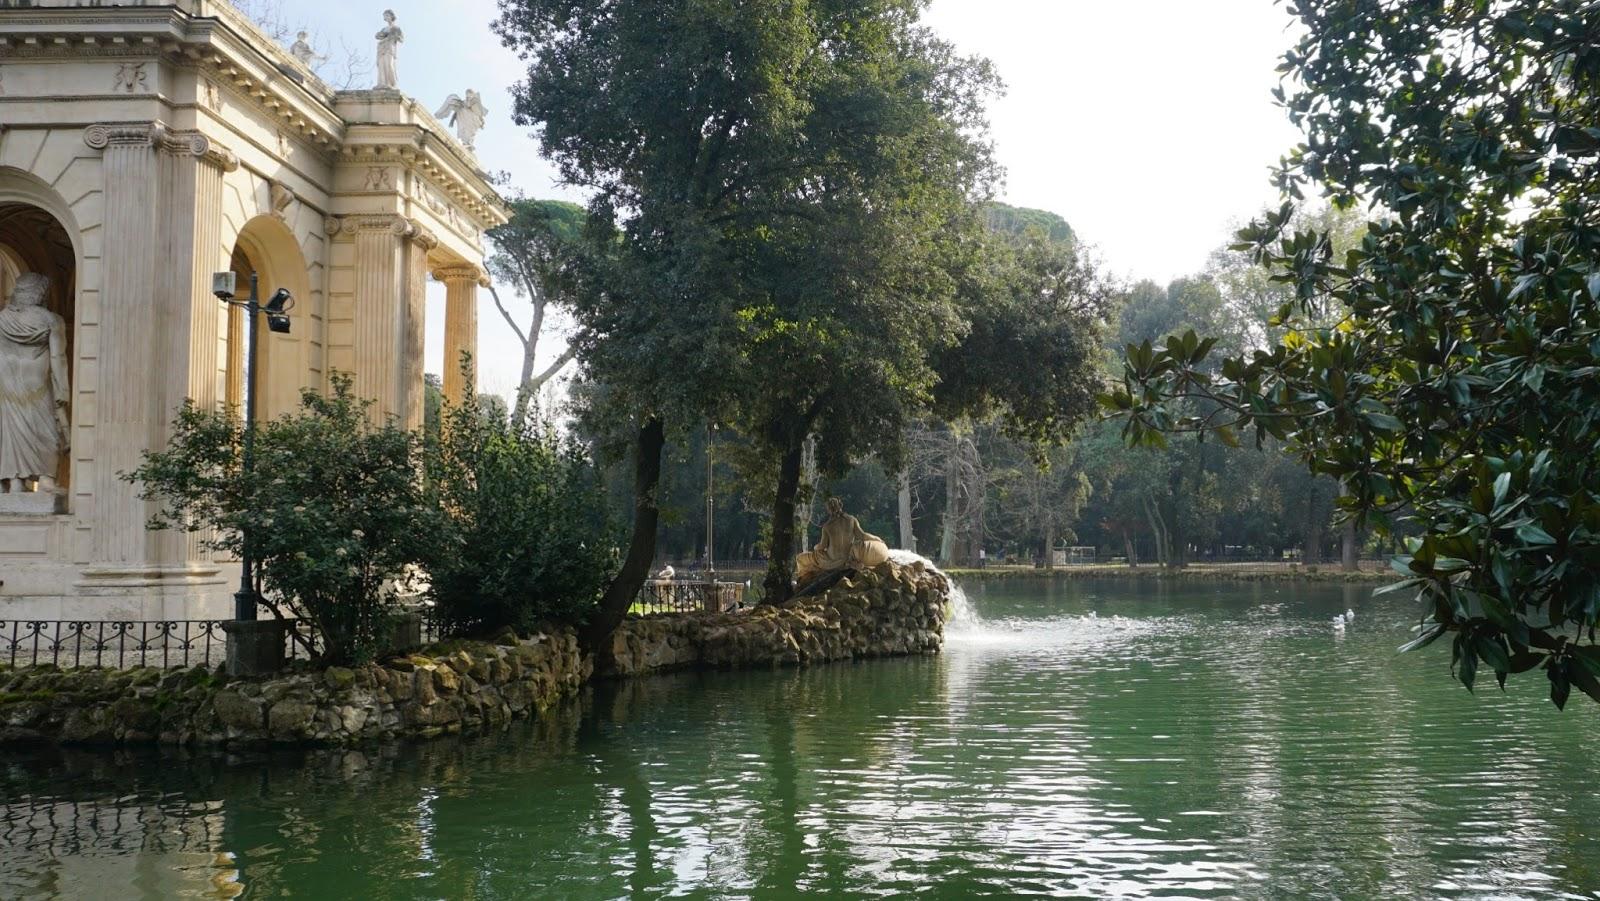 Świątynia Asclepiosa w Ogrodach Villa Borghese, atrakcje Rzymu, podróż poślubna w Rzymie, gdzie na podróż poślubną